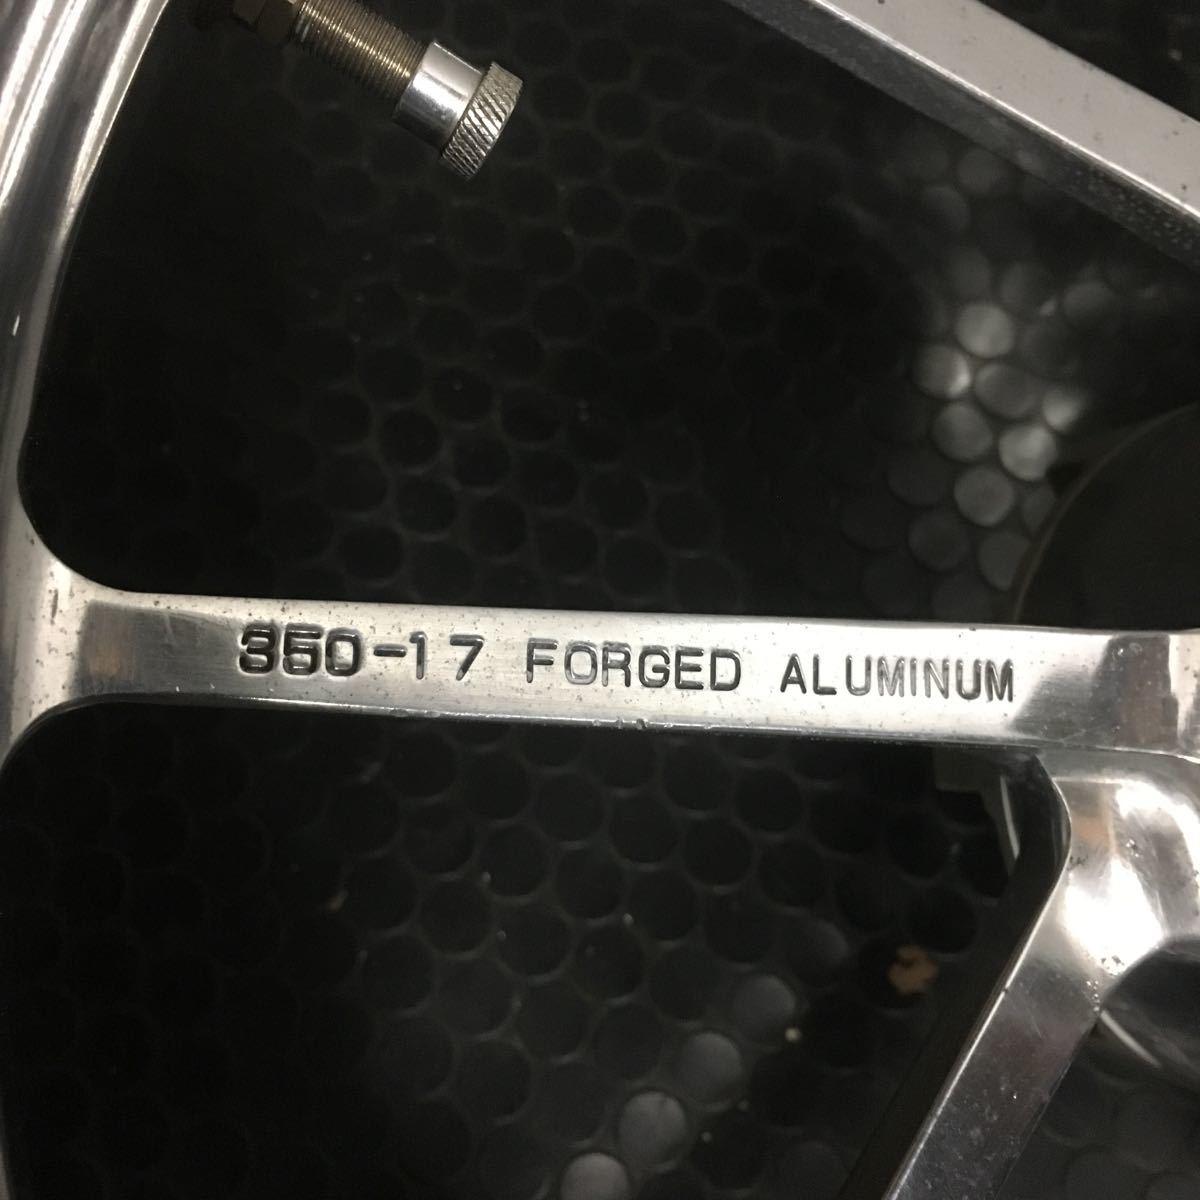 CB1300SF SC54 ABS無し 2003~2013年 GALESPEED Type-R 3.50-17 ゲイルスピード シャフト付き_画像5